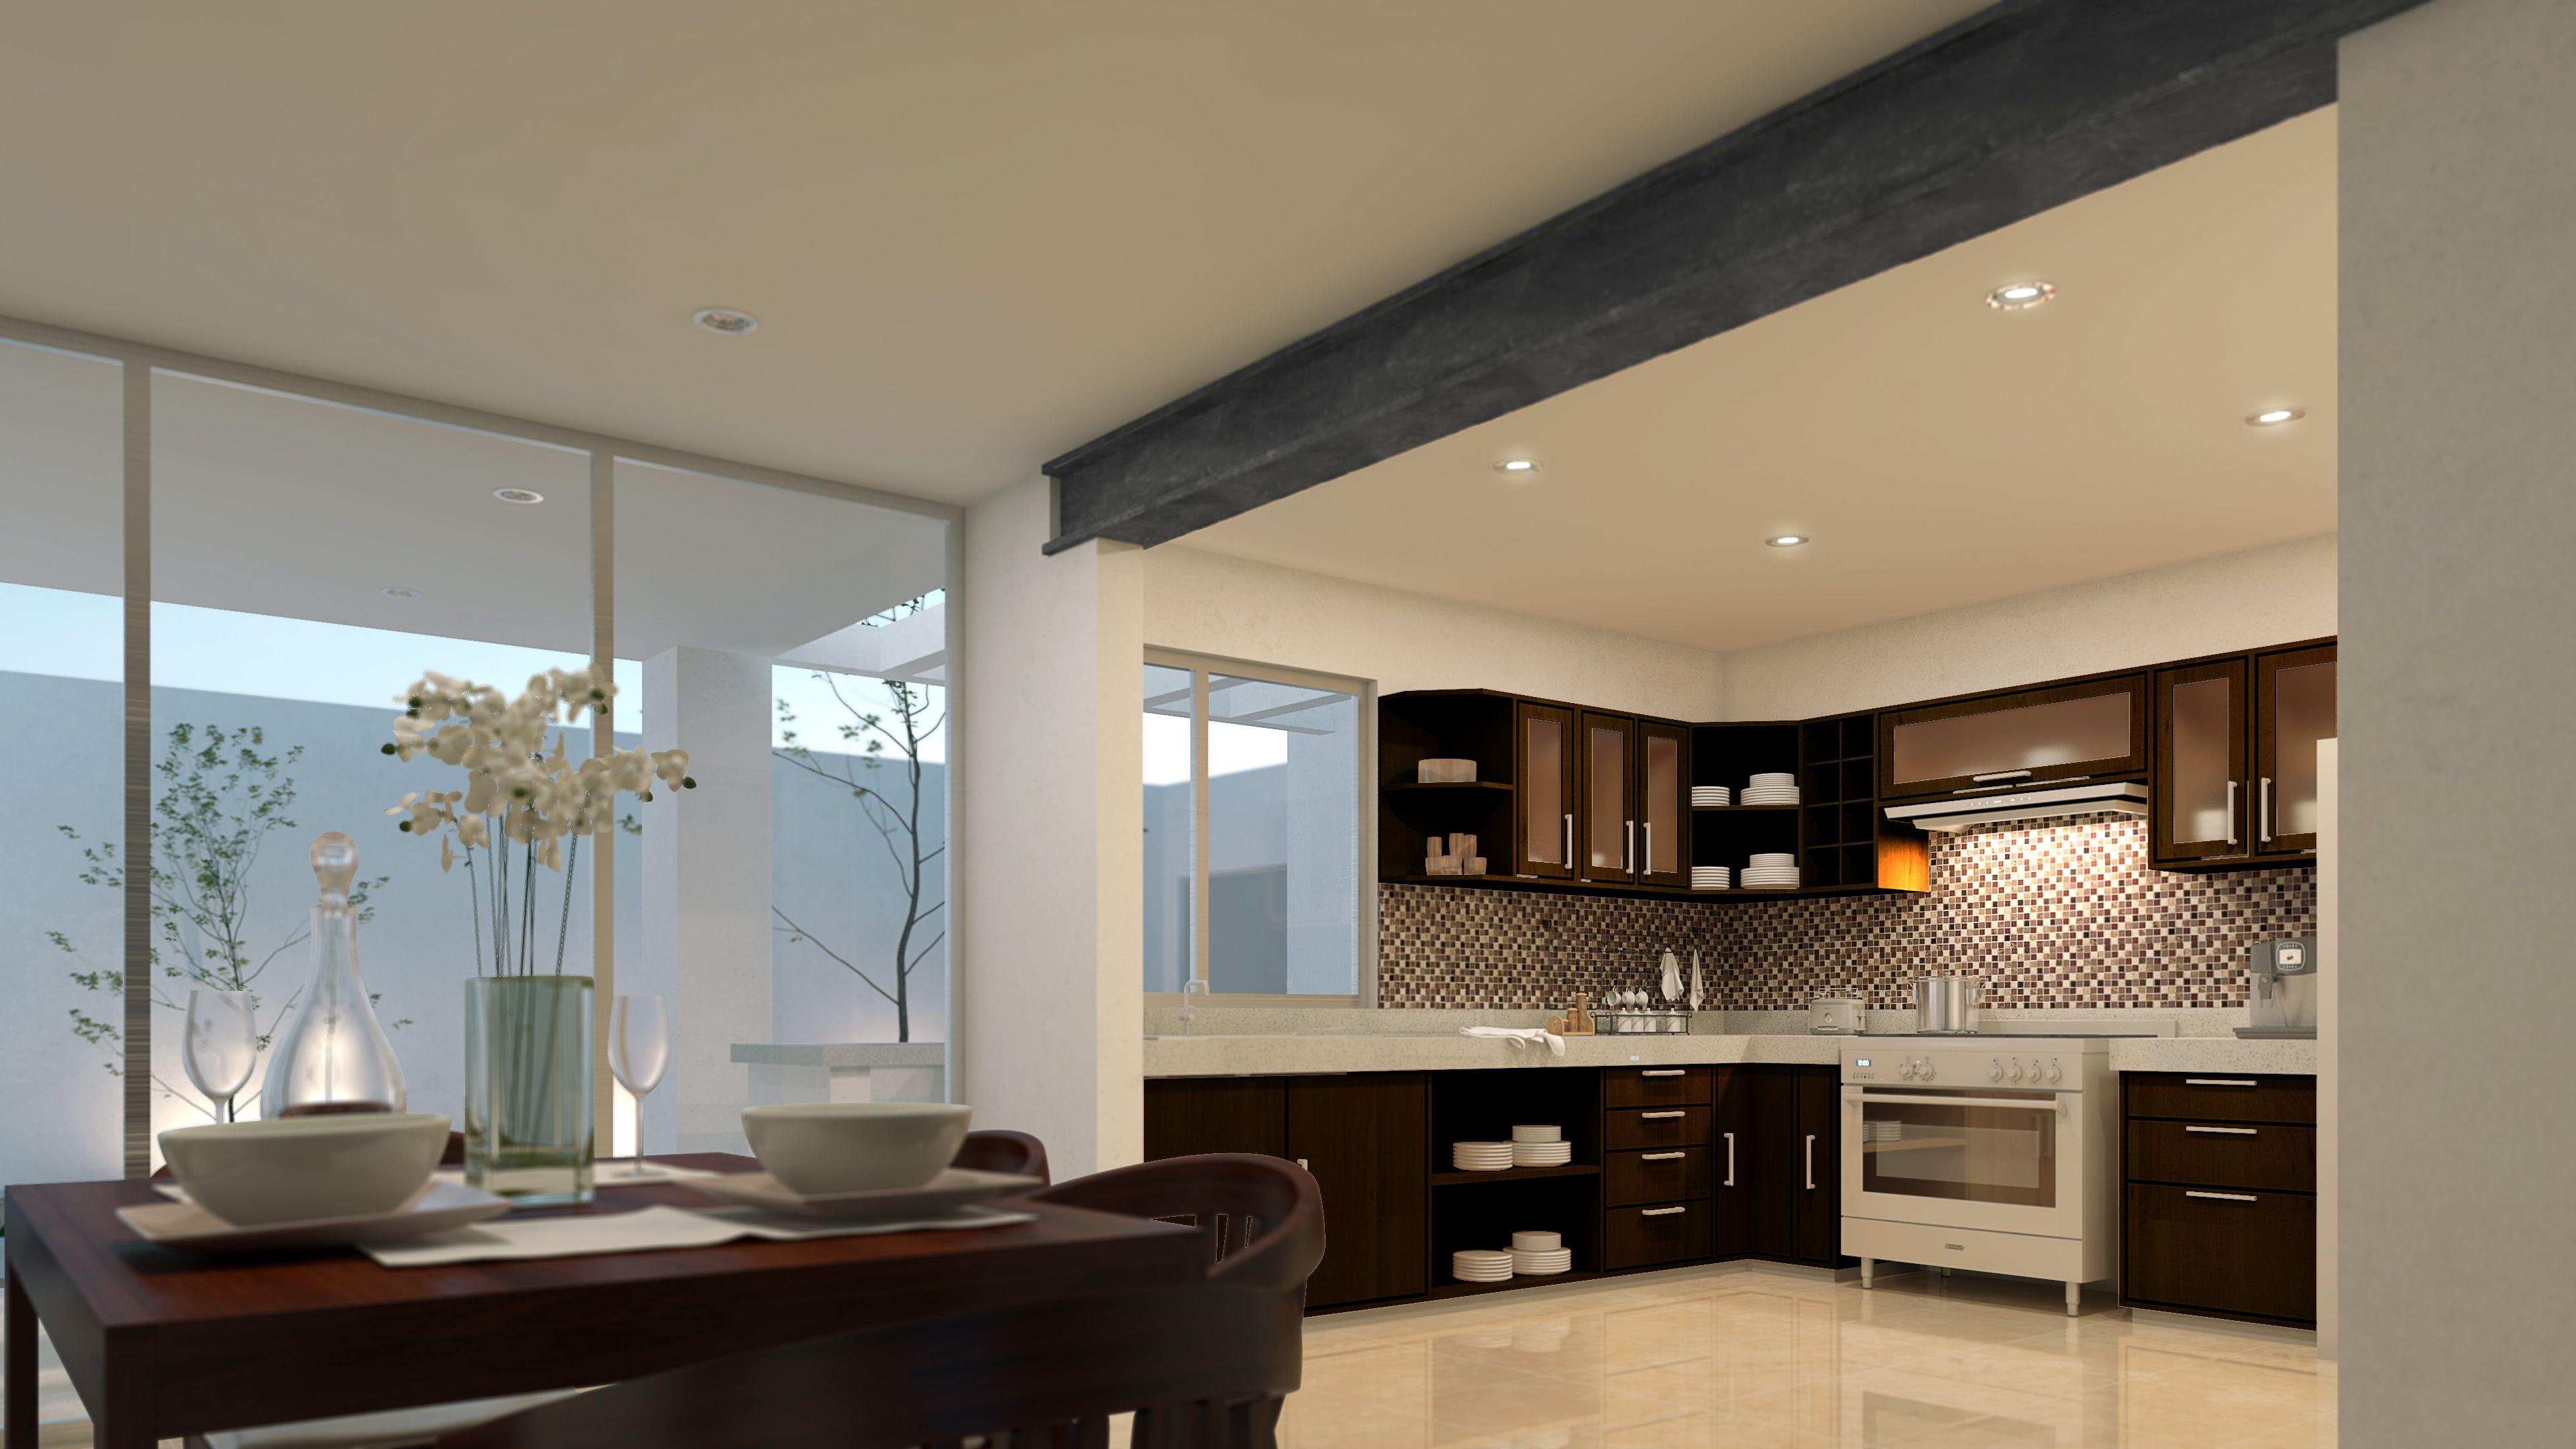 Cocina abierta a comedor dise o de interiores for Cocinas abiertas al comedor